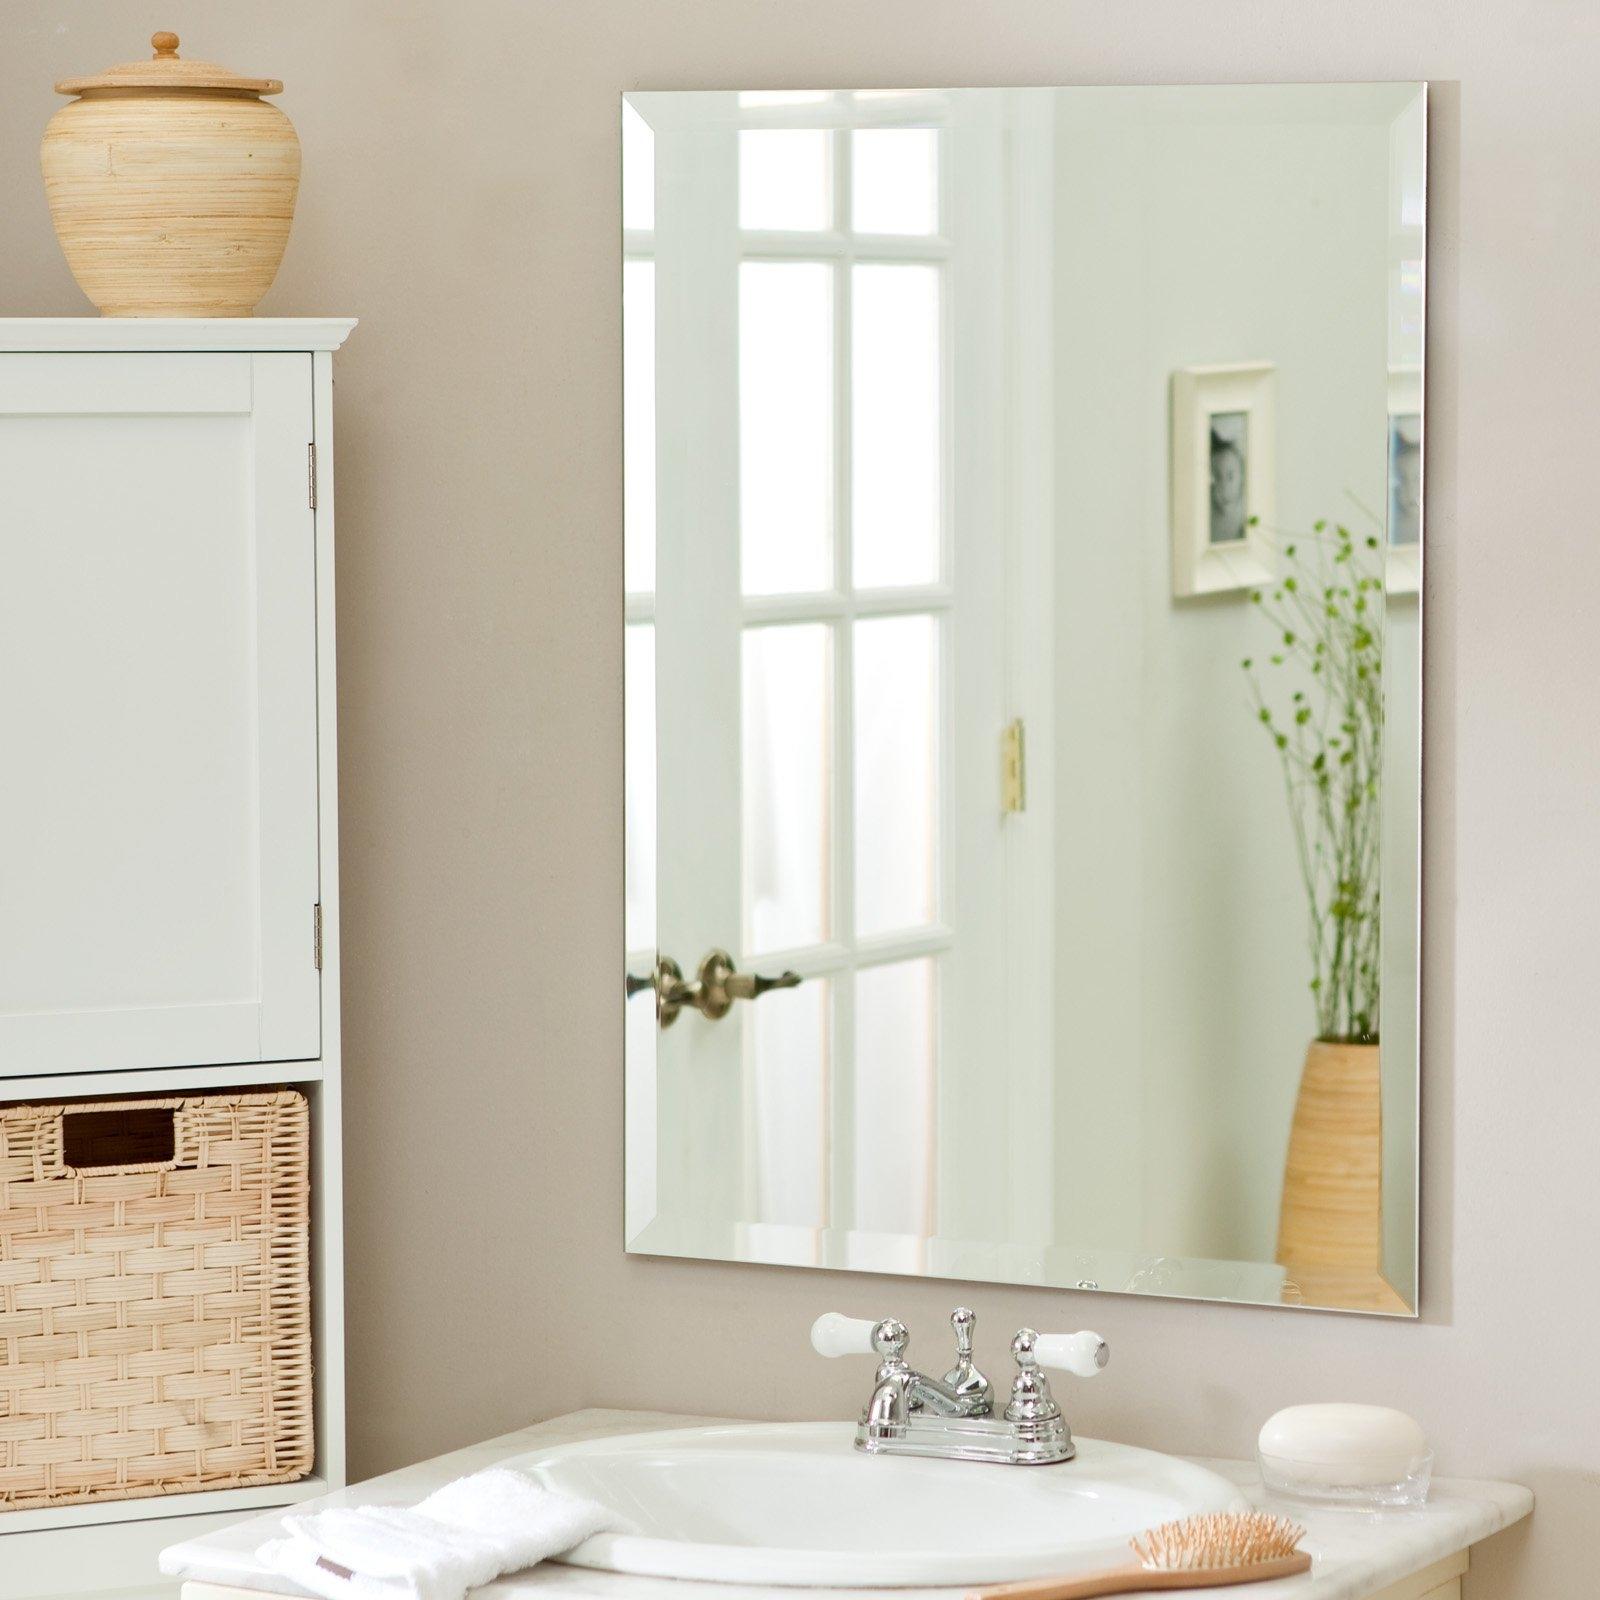 Frameless Mirrors For Bathroom